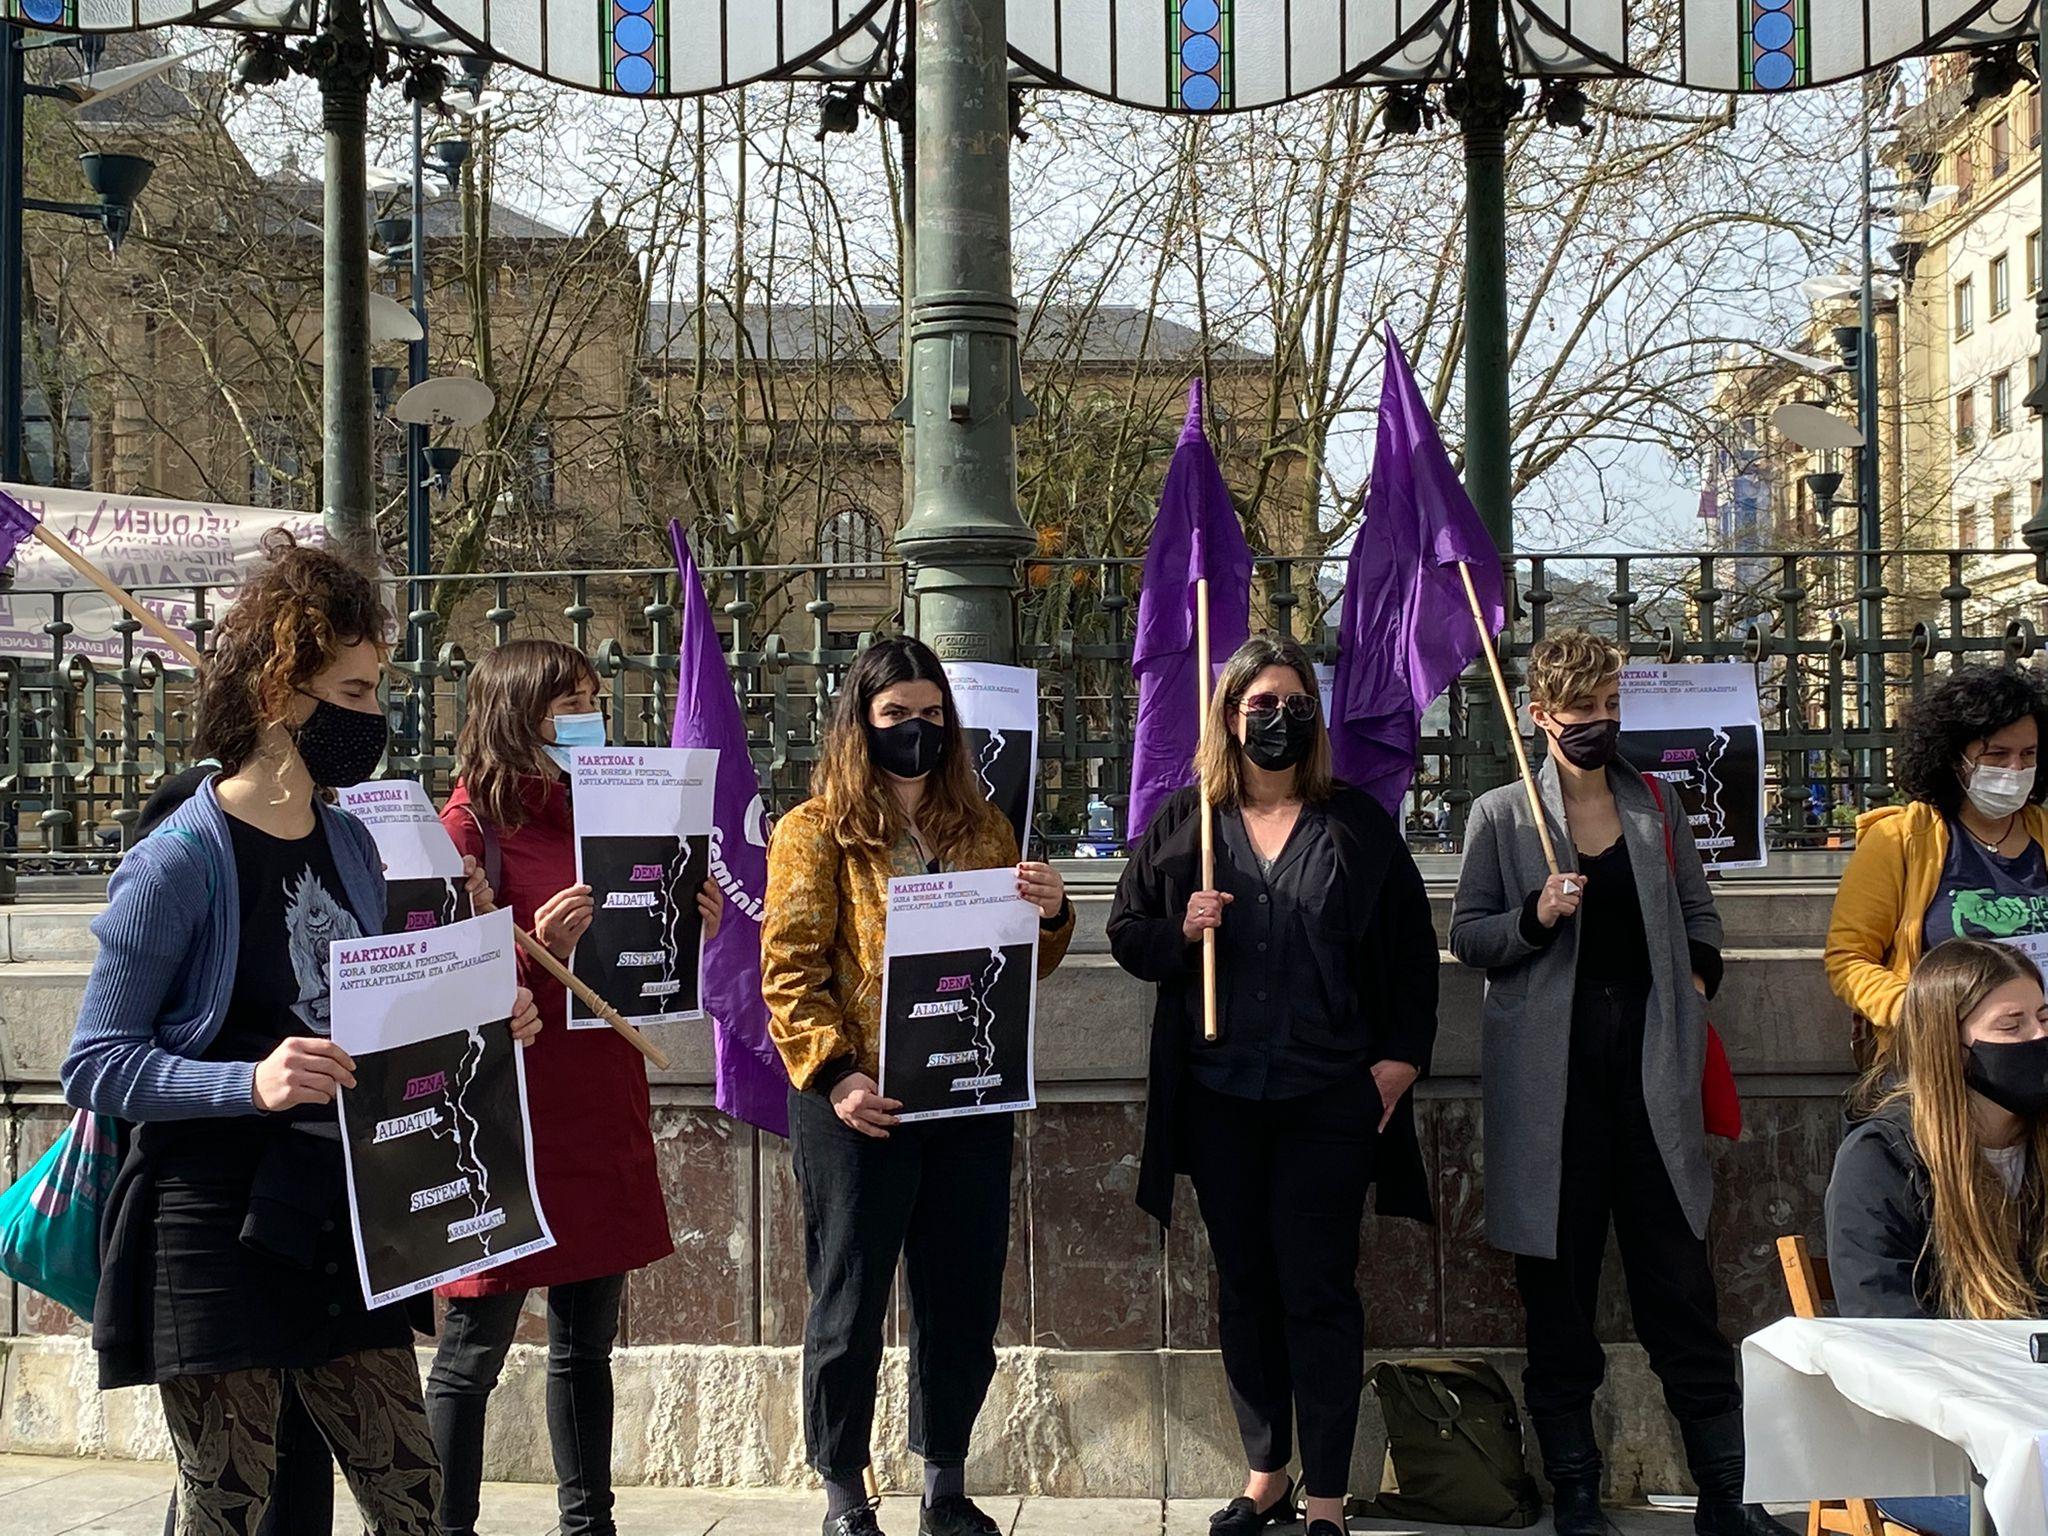 Rueda de prensa del Movimiento Feminista de Euskadi. Foto: #mugimendu